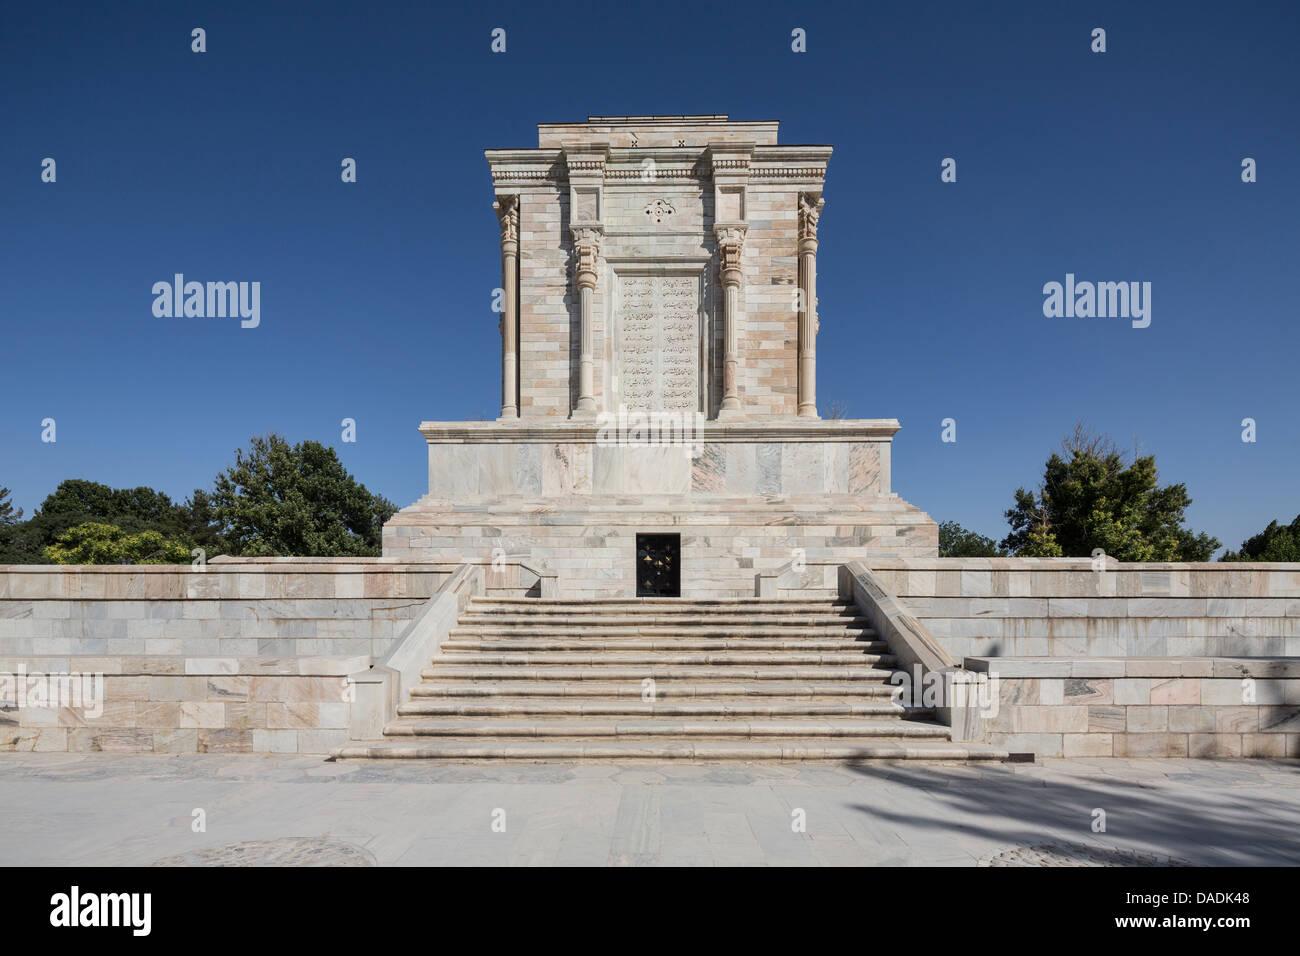 Mausoleum of Ferdowsi in Tus, Iran - Stock Image